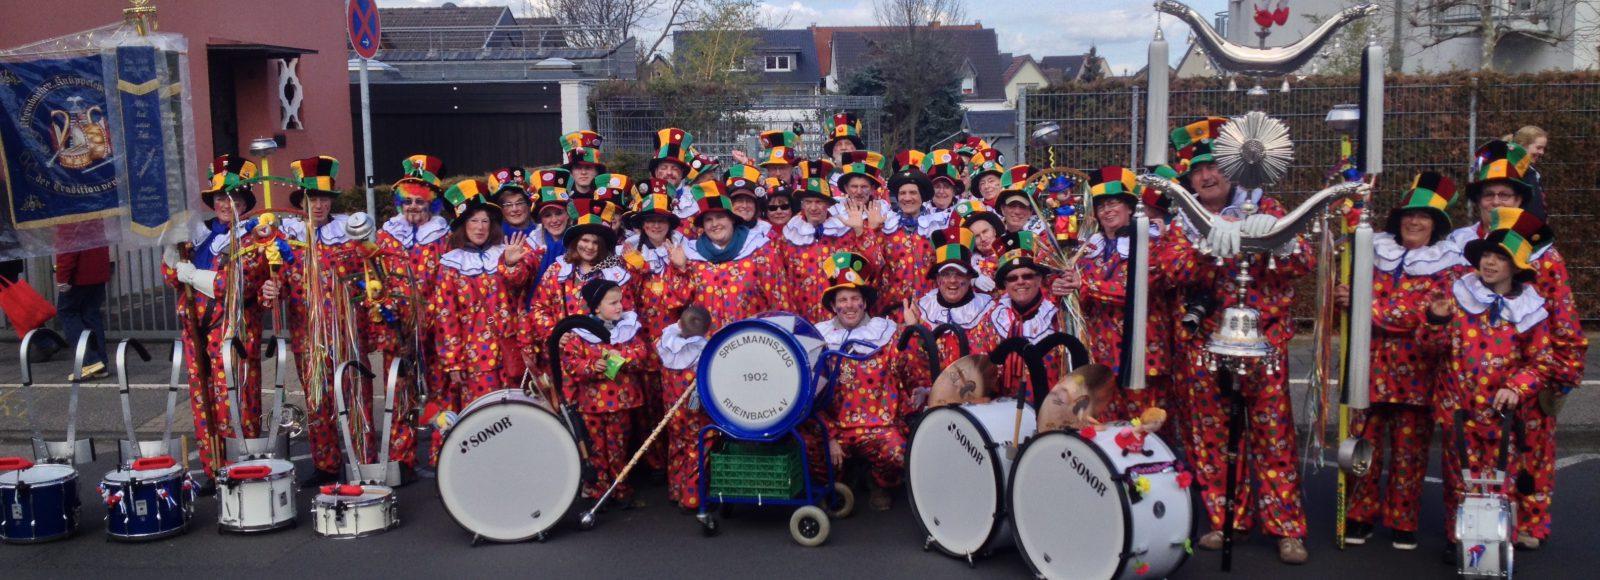 Verein Karneval